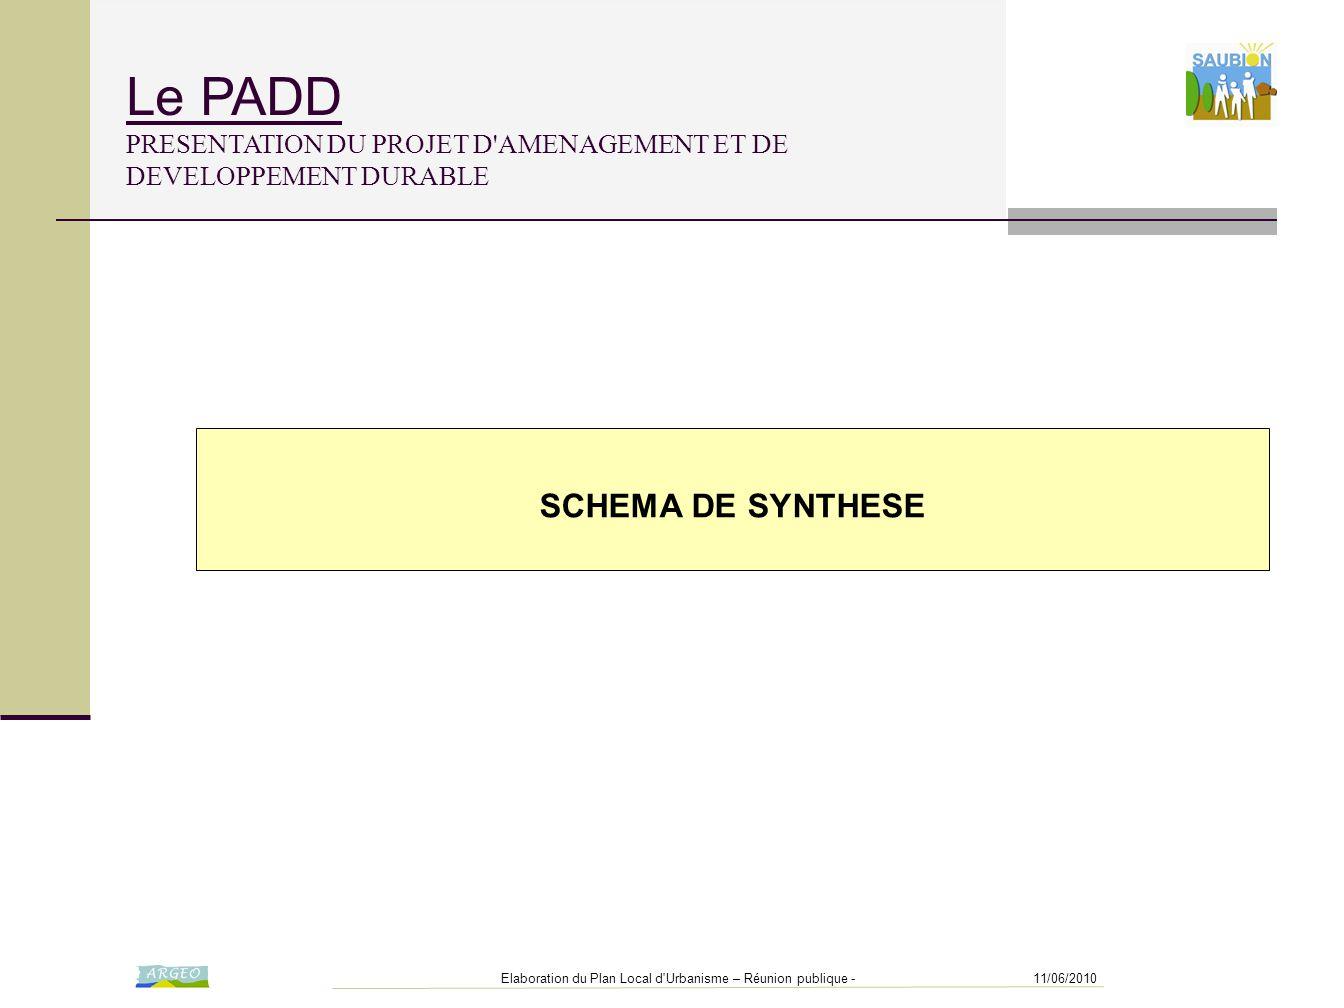 11/06/2010Elaboration du Plan Local d'Urbanisme – Réunion publique - SCHEMA DE SYNTHESE Le PADD PRESENTATION DU PROJET D'AMENAGEMENT ET DE DEVELOPPEME